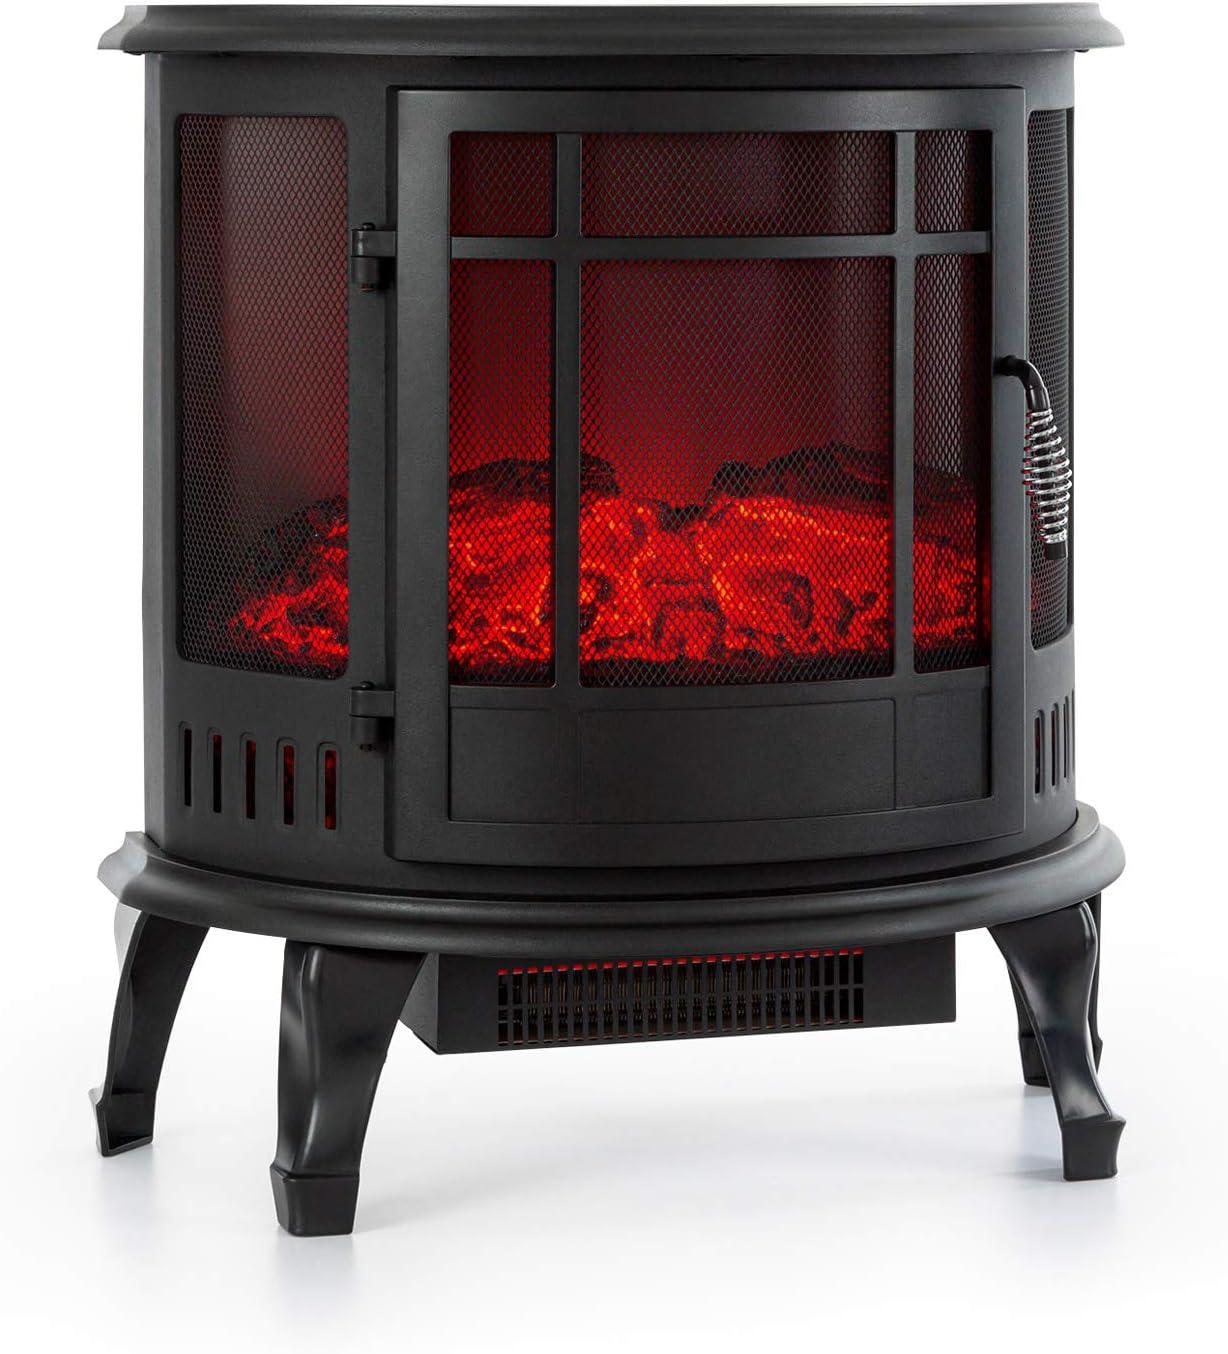 KLARSTEIN Megève Chimenea eléctrica - Potencia 1850 W, LED Regulable InstaFire sin Fuego ni Humo, Control Remoto, termostato, protección contra sobrecalentamiento, Negro